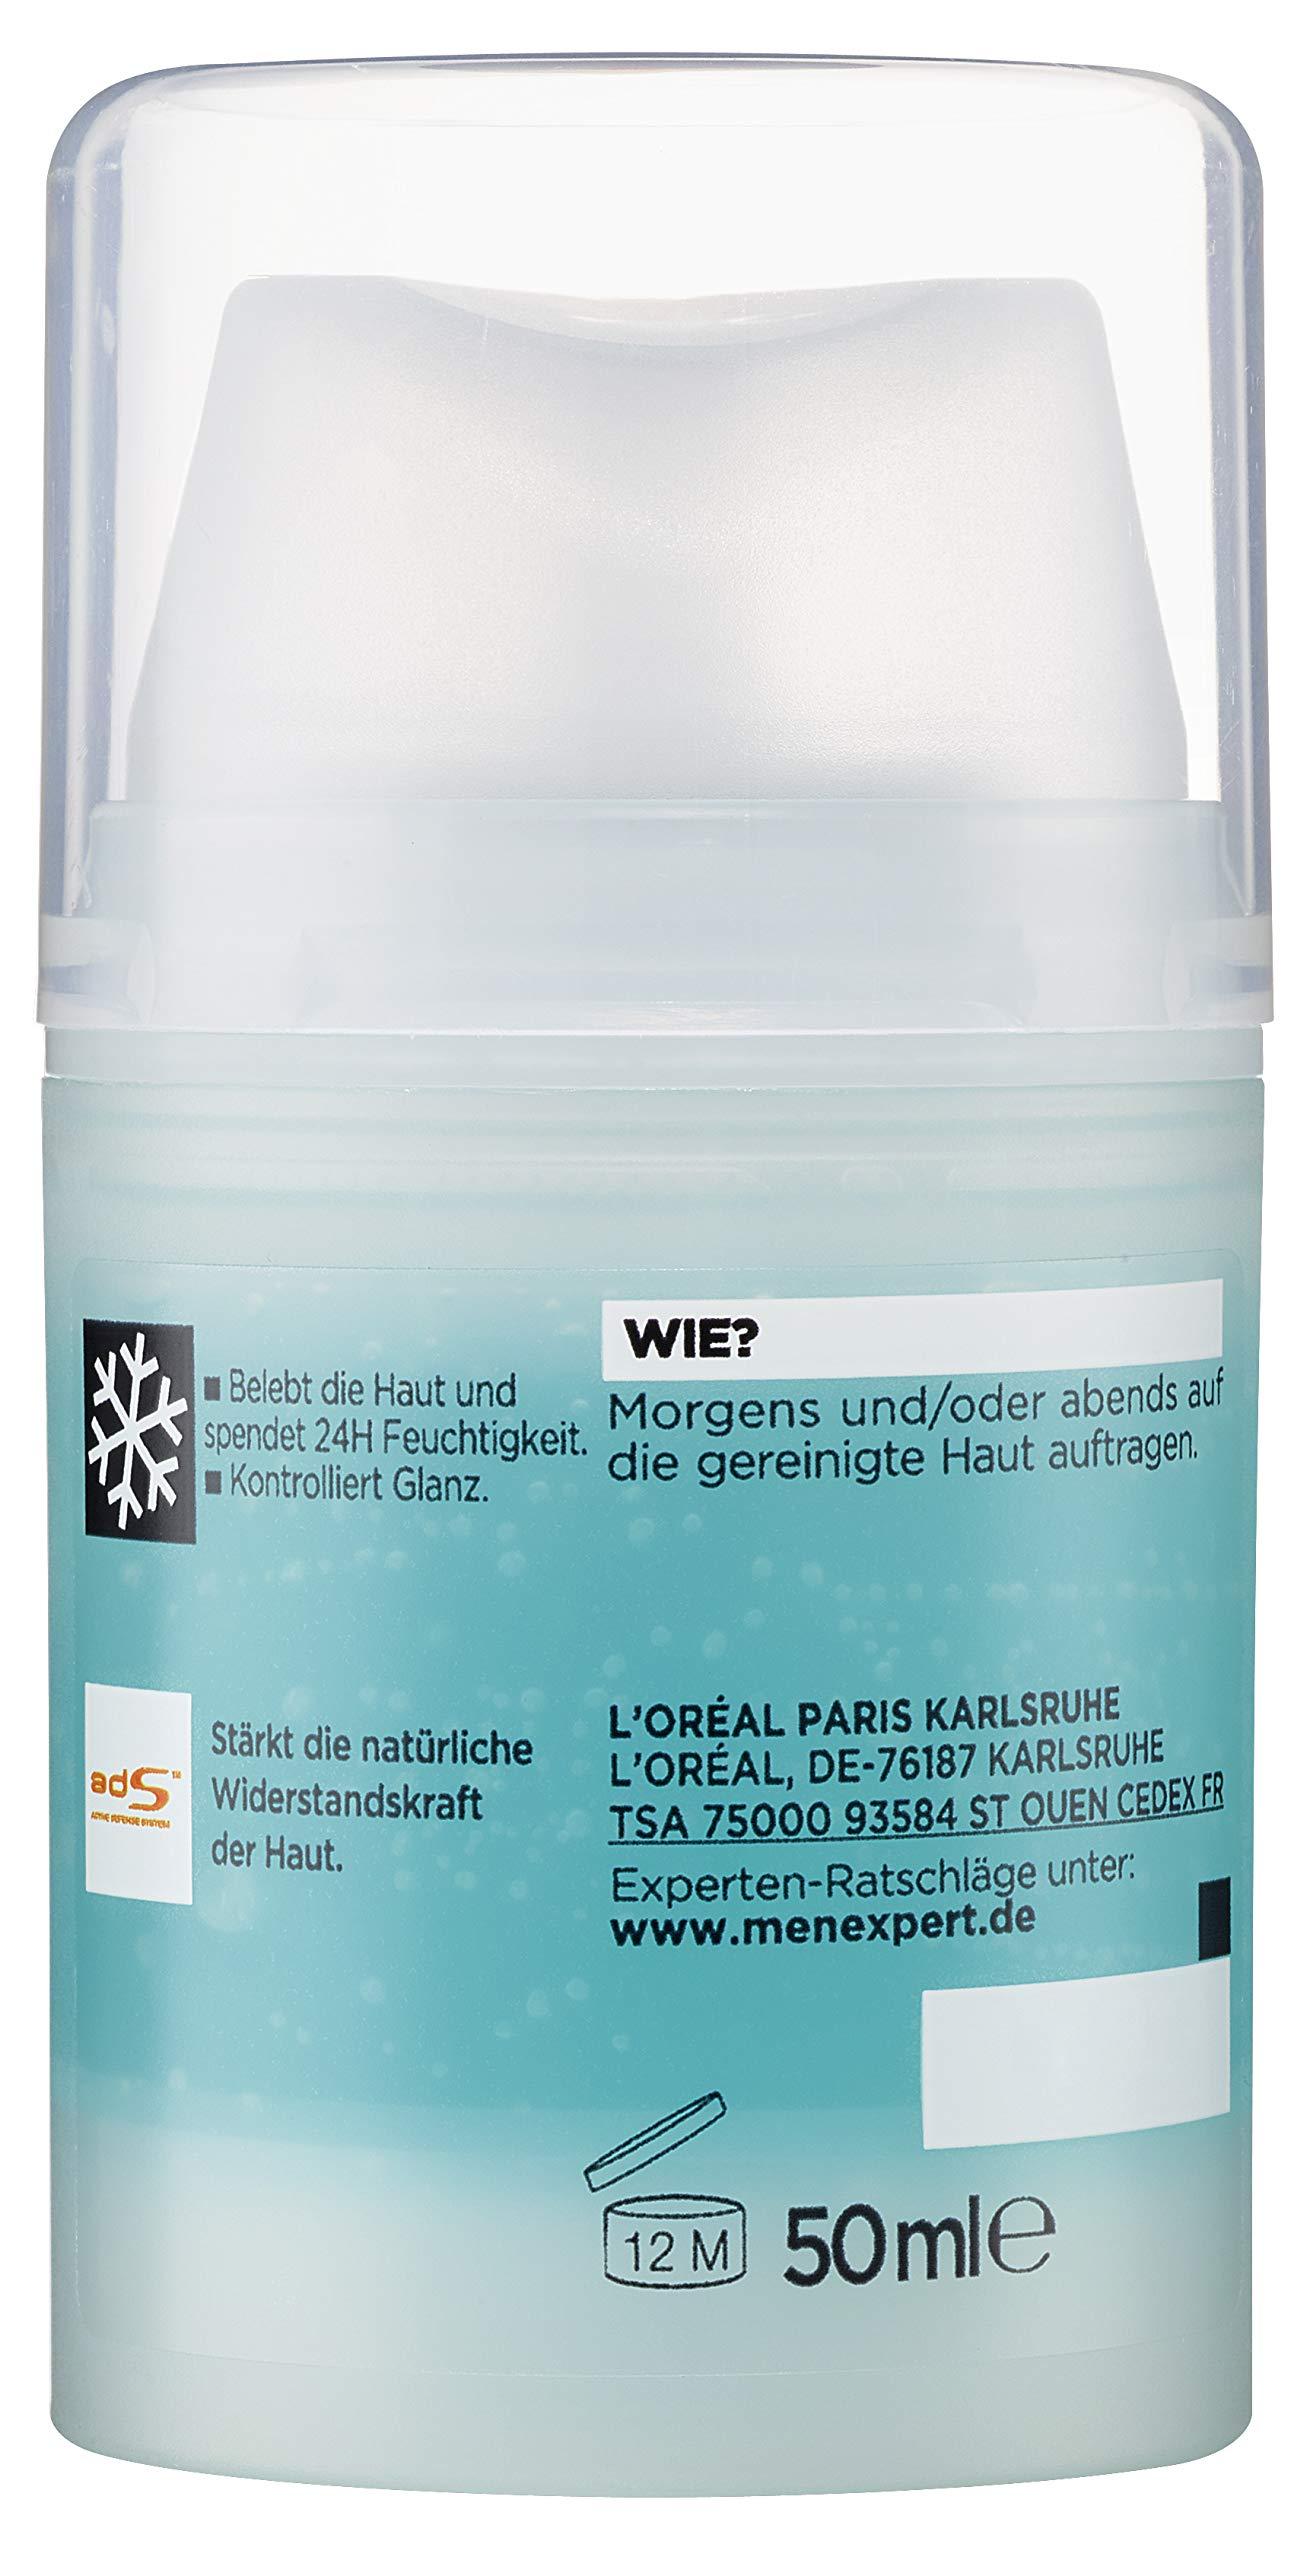 L'Oreal Men Expert – Quenching Hydra Energetic Maxi – Cuidado Anti-Fatiga Hombres – 50 ml